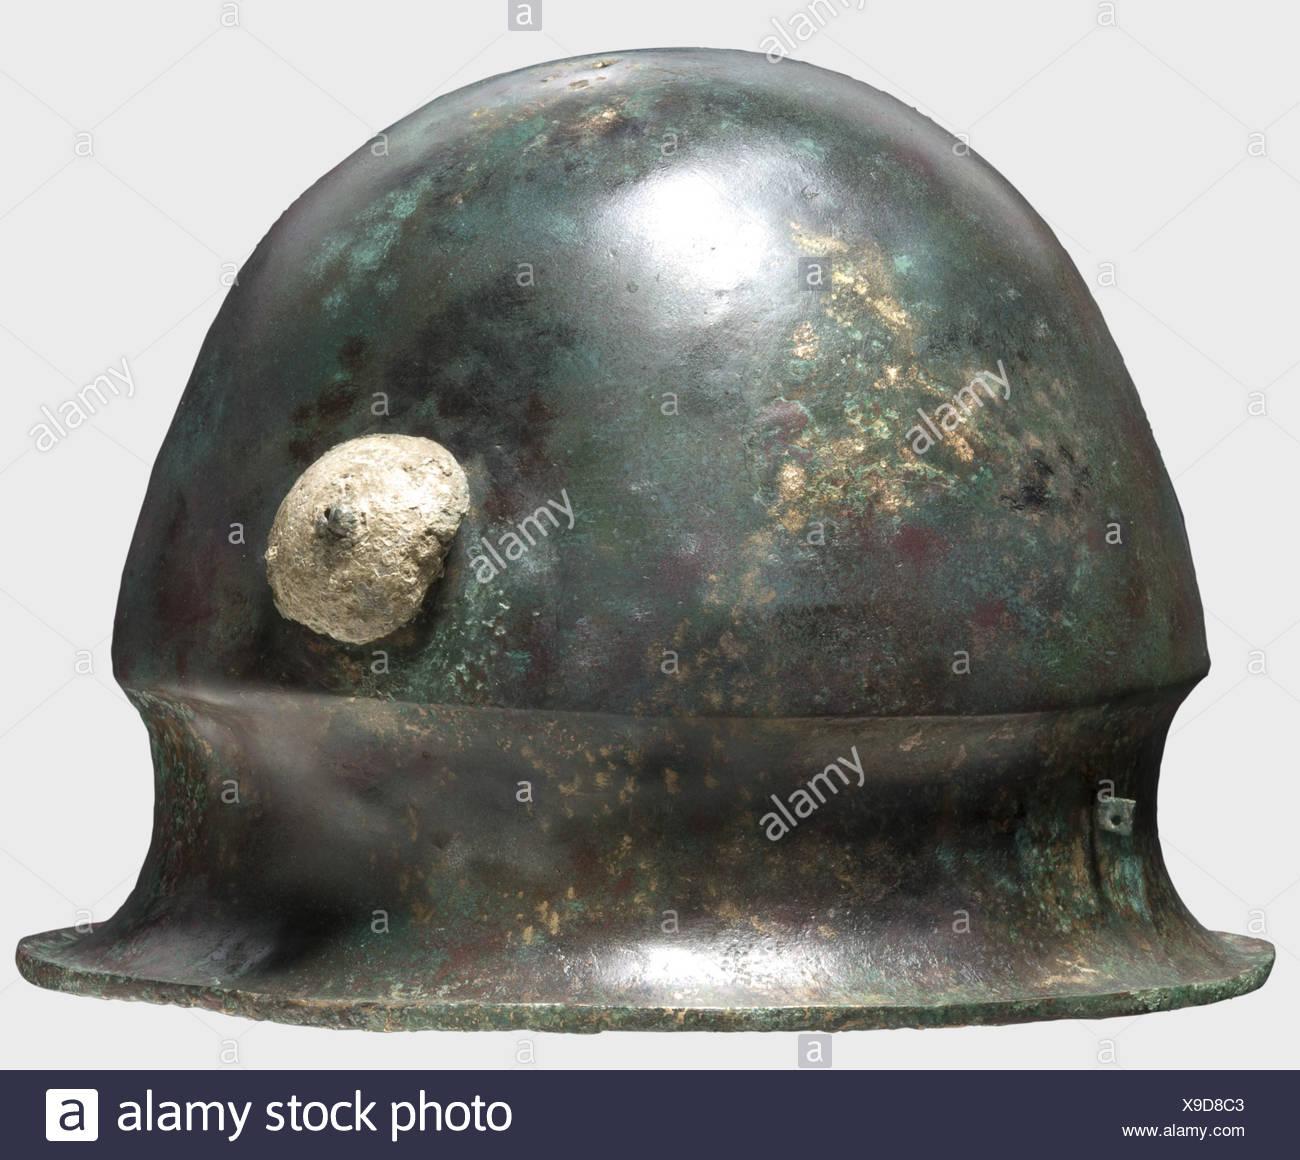 Sehr Alt; Höhe 17 Cm Durch Wissenschaftlichen Prozess Gefertigt Nach 1945 Schwere Kanne Oder Vase Aus Messing Oder Bronze